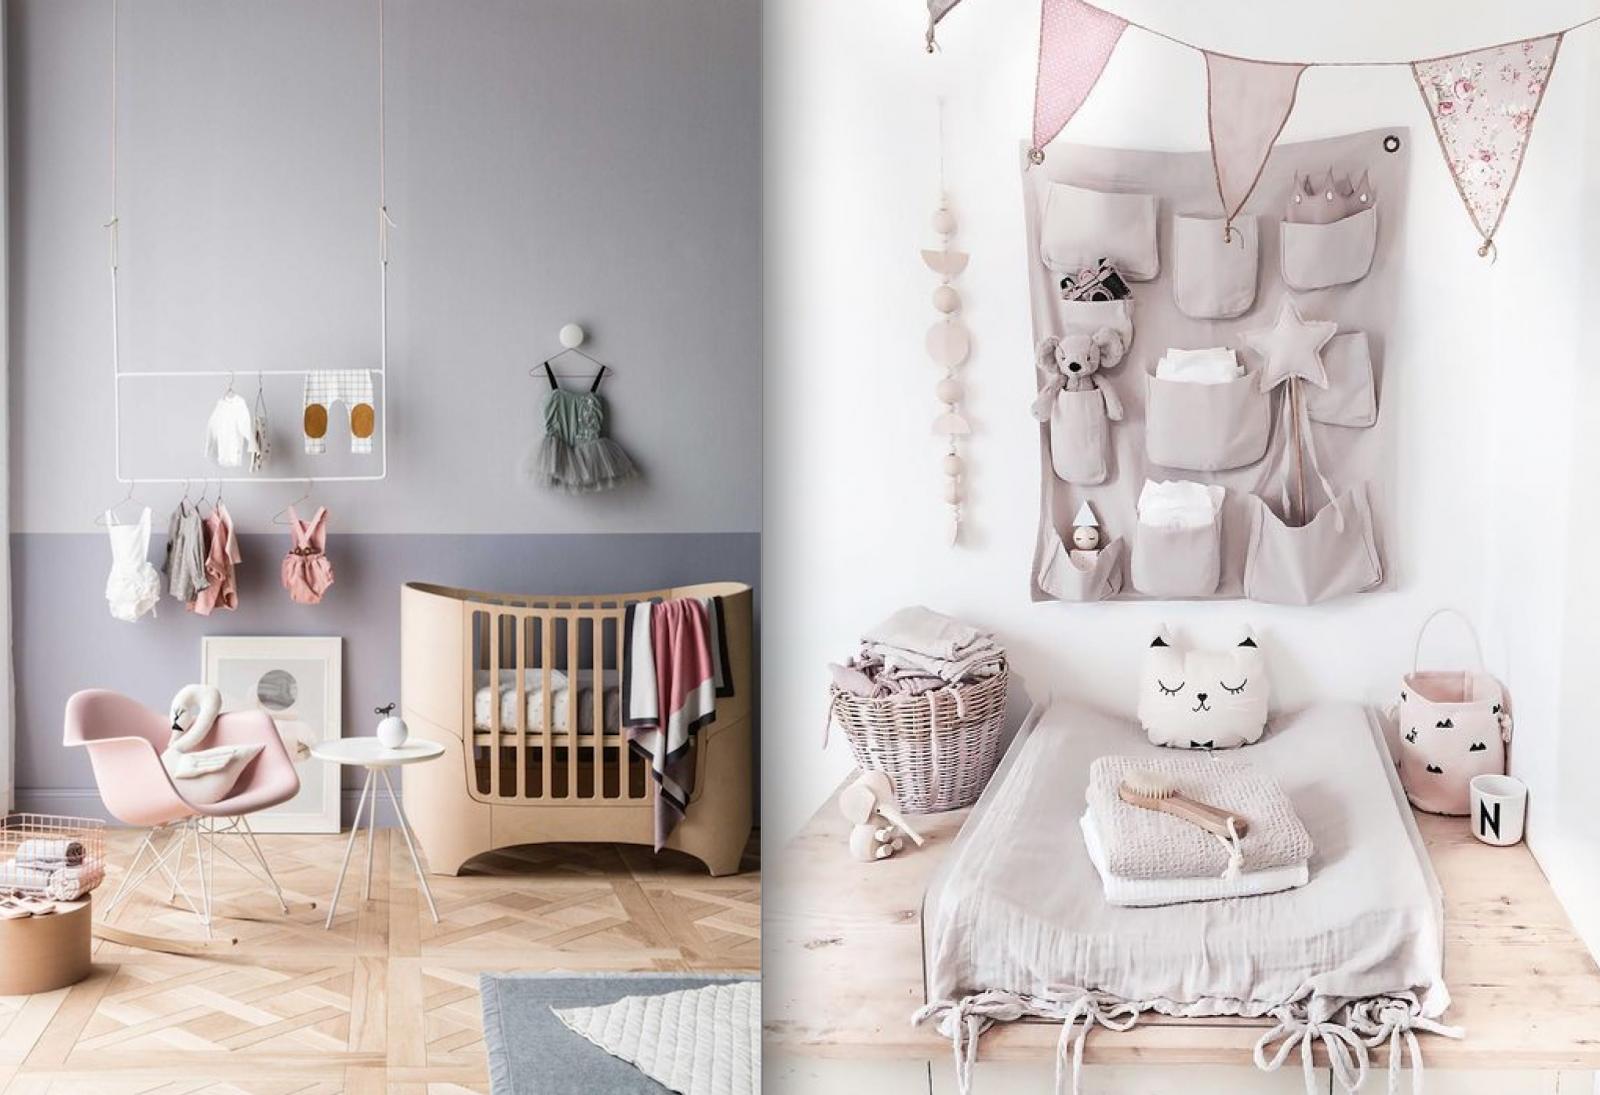 de beste kleur voor je babykamer - get inspired - my color passport, Deco ideeën